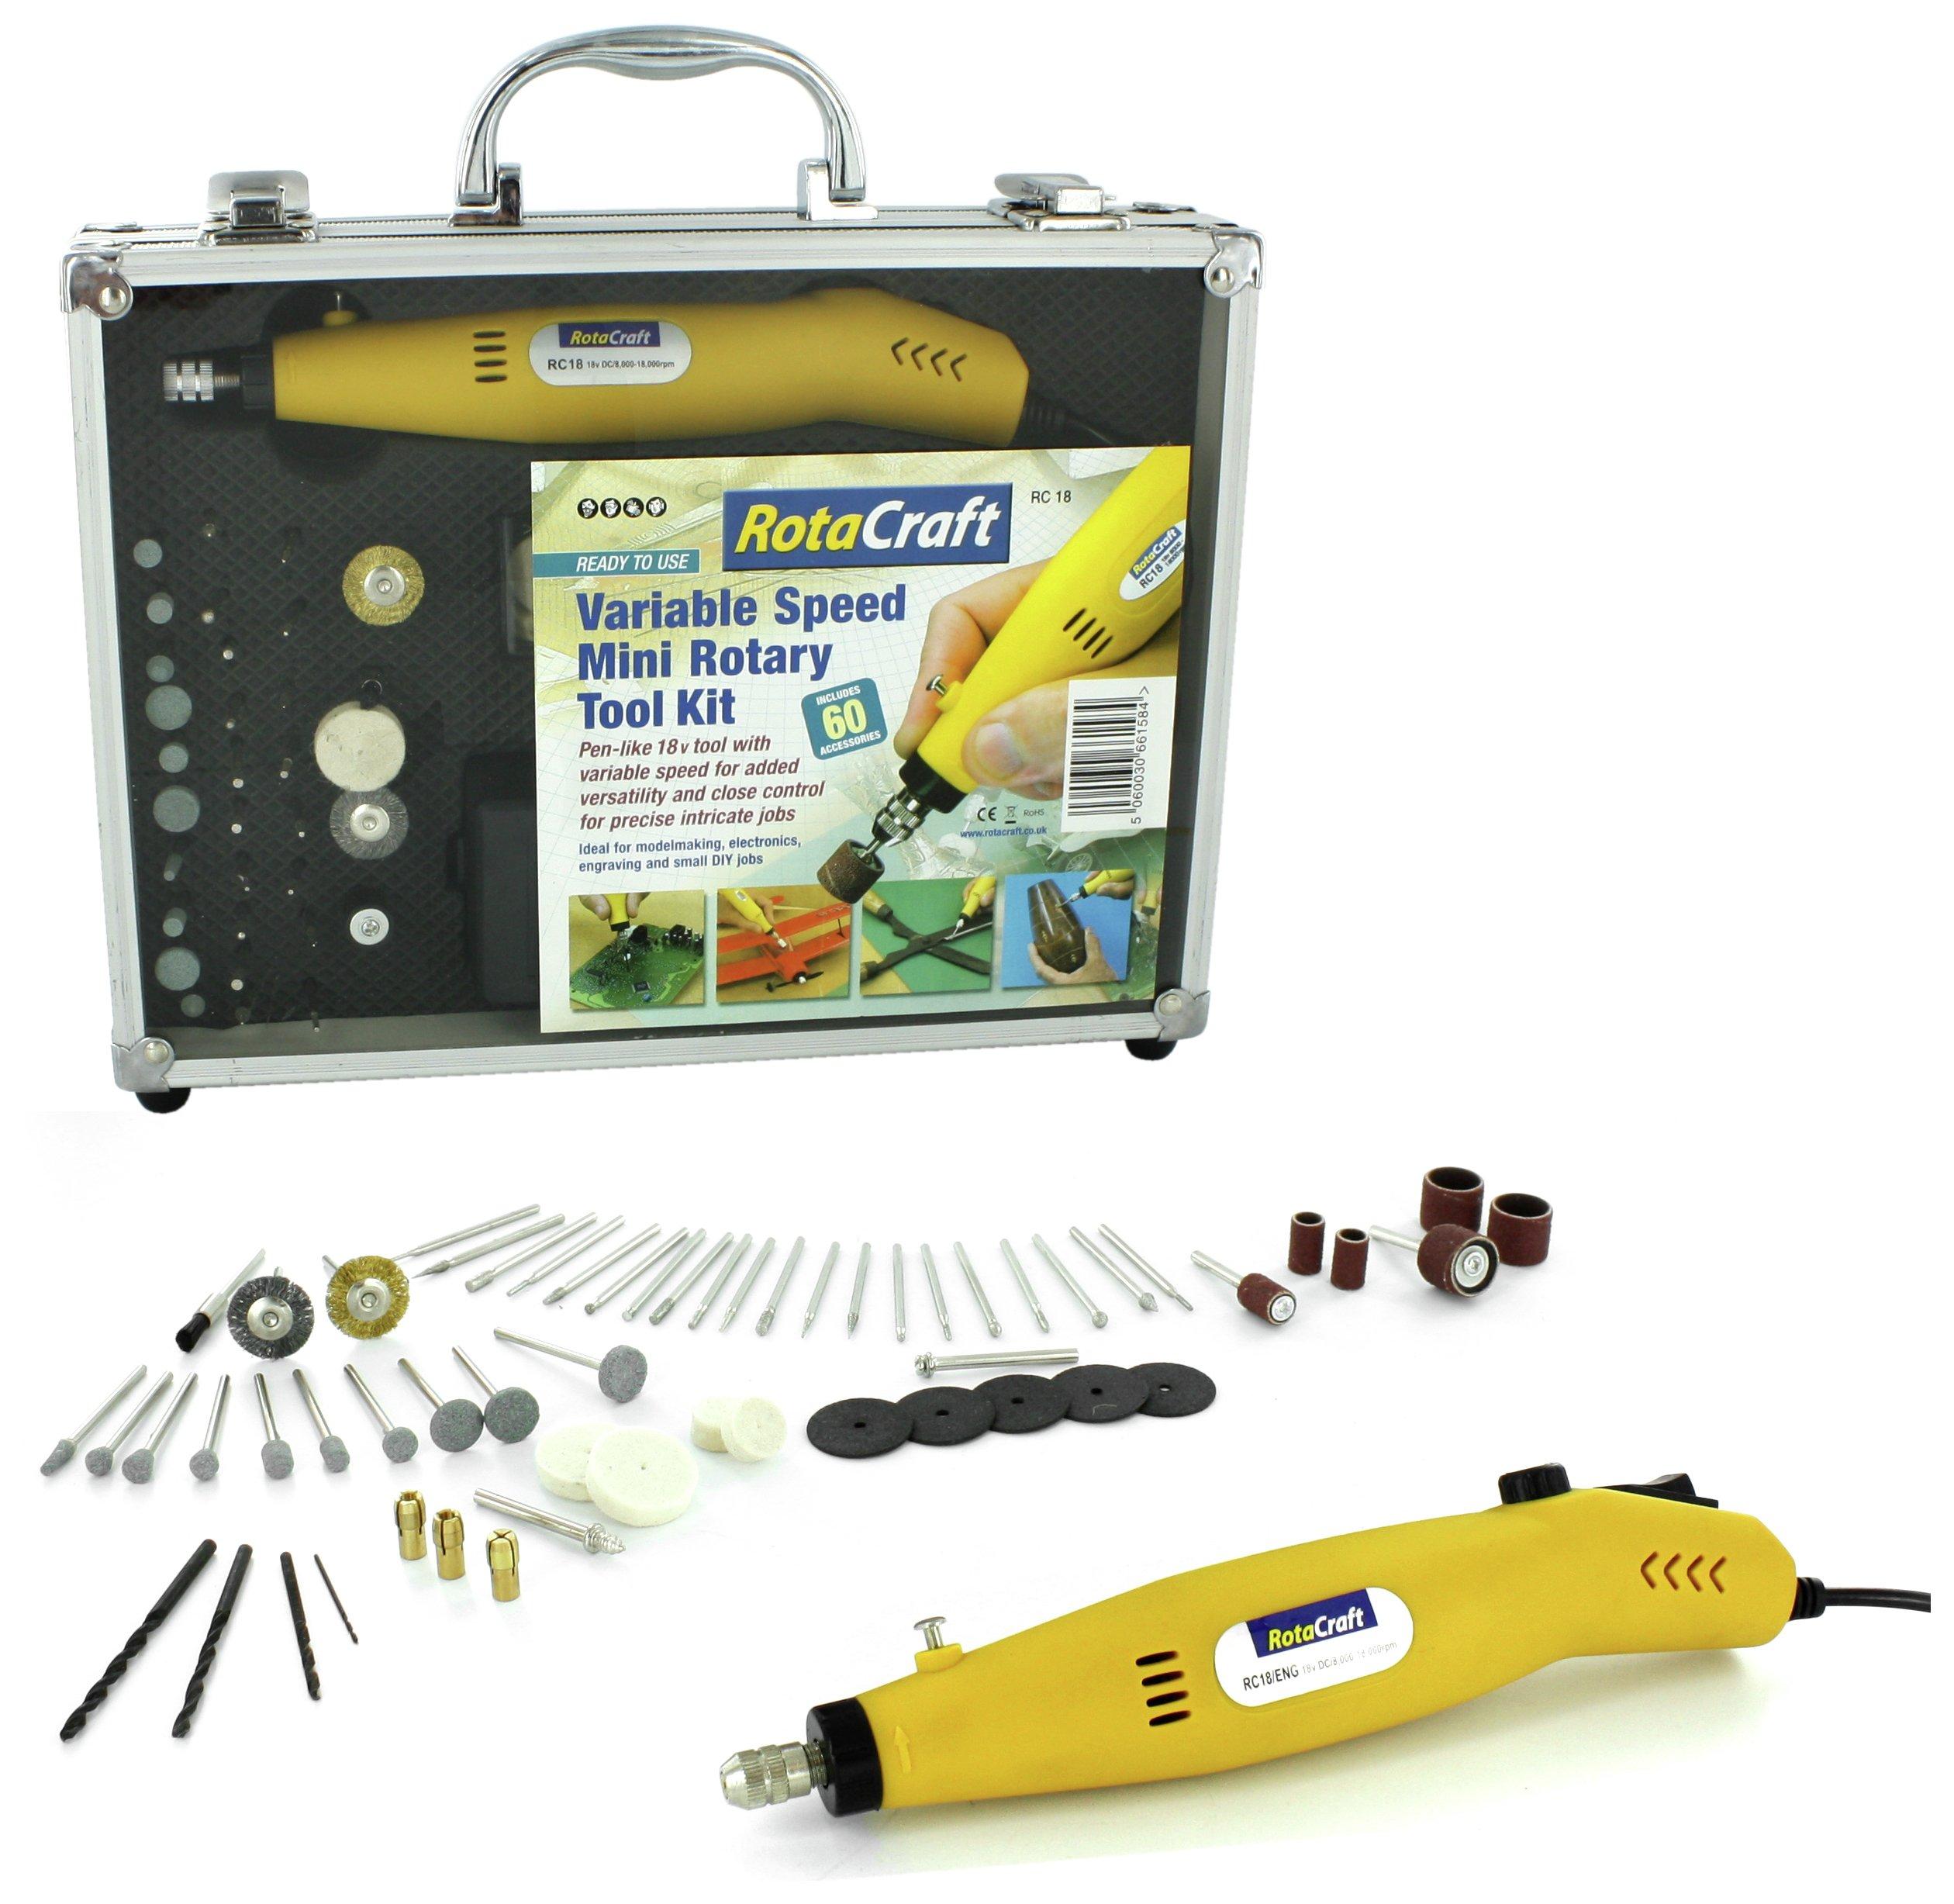 Rotacraft Variable Speed Rotary Tool Kit